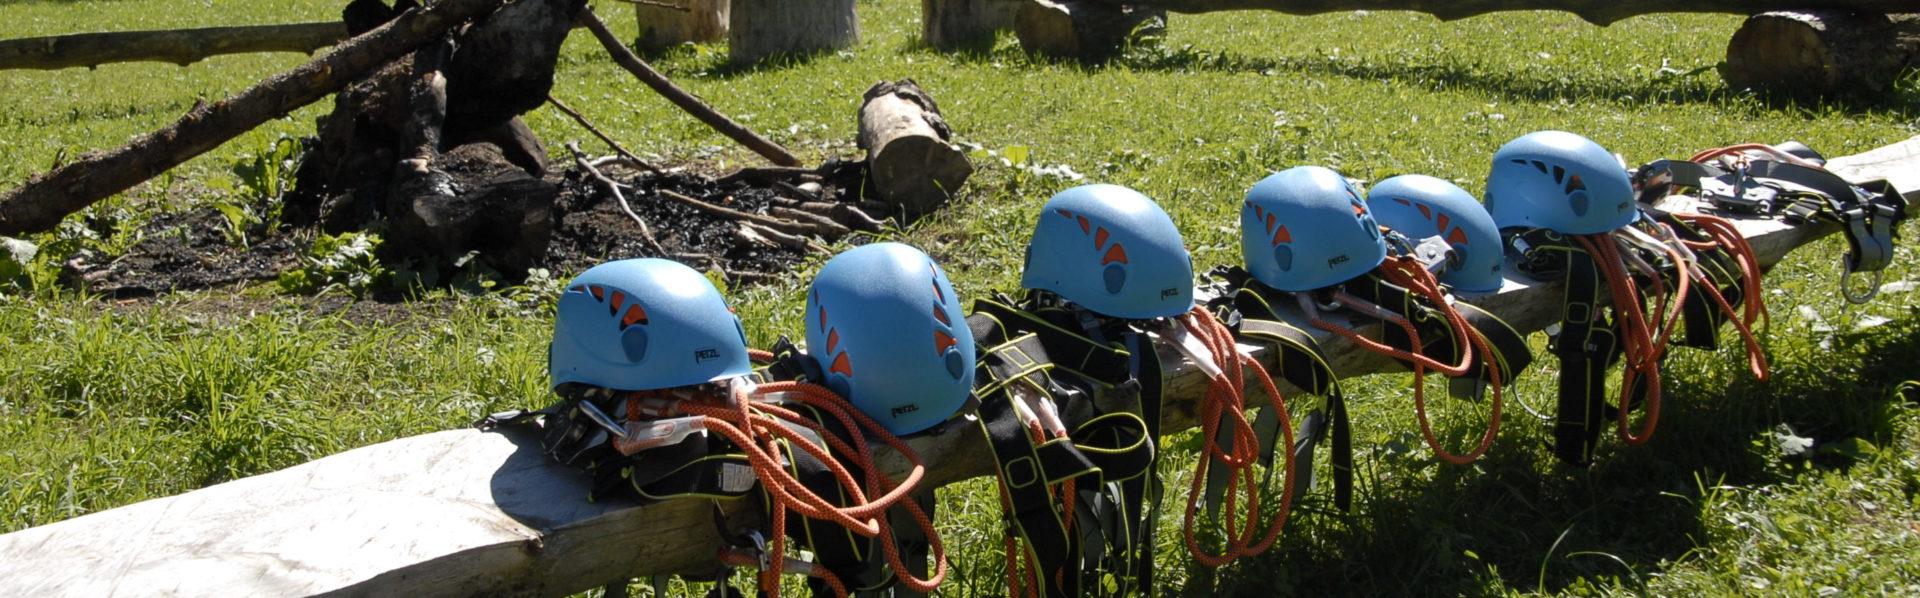 Helme im Kletterwald